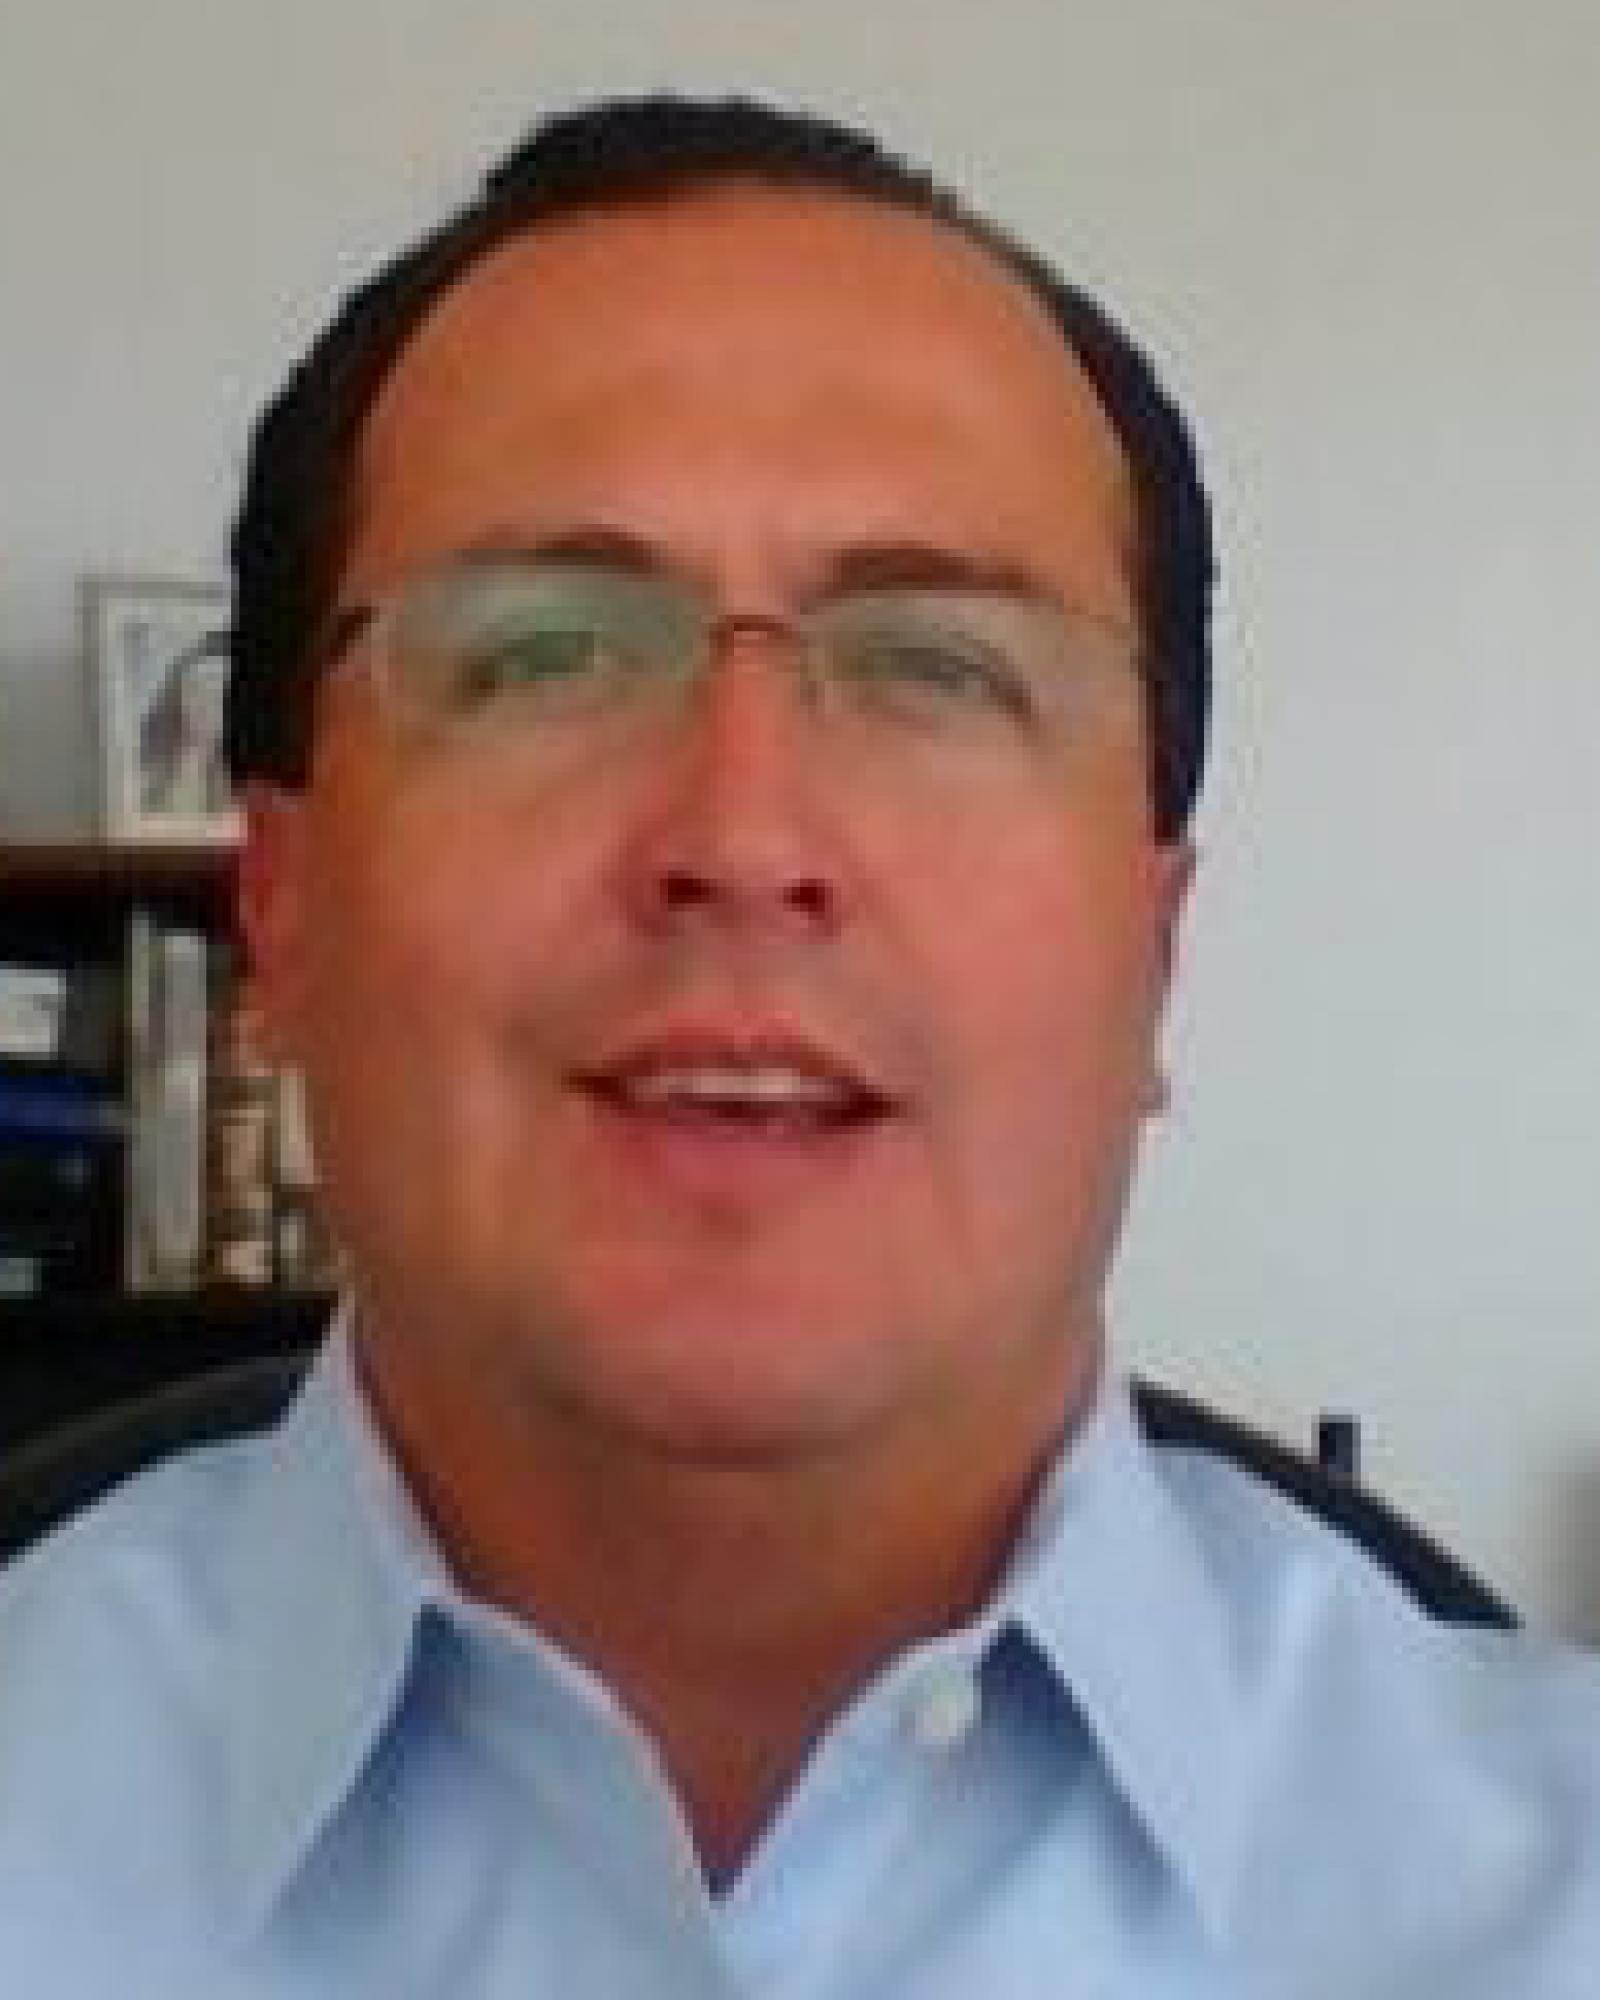 David Riofrio